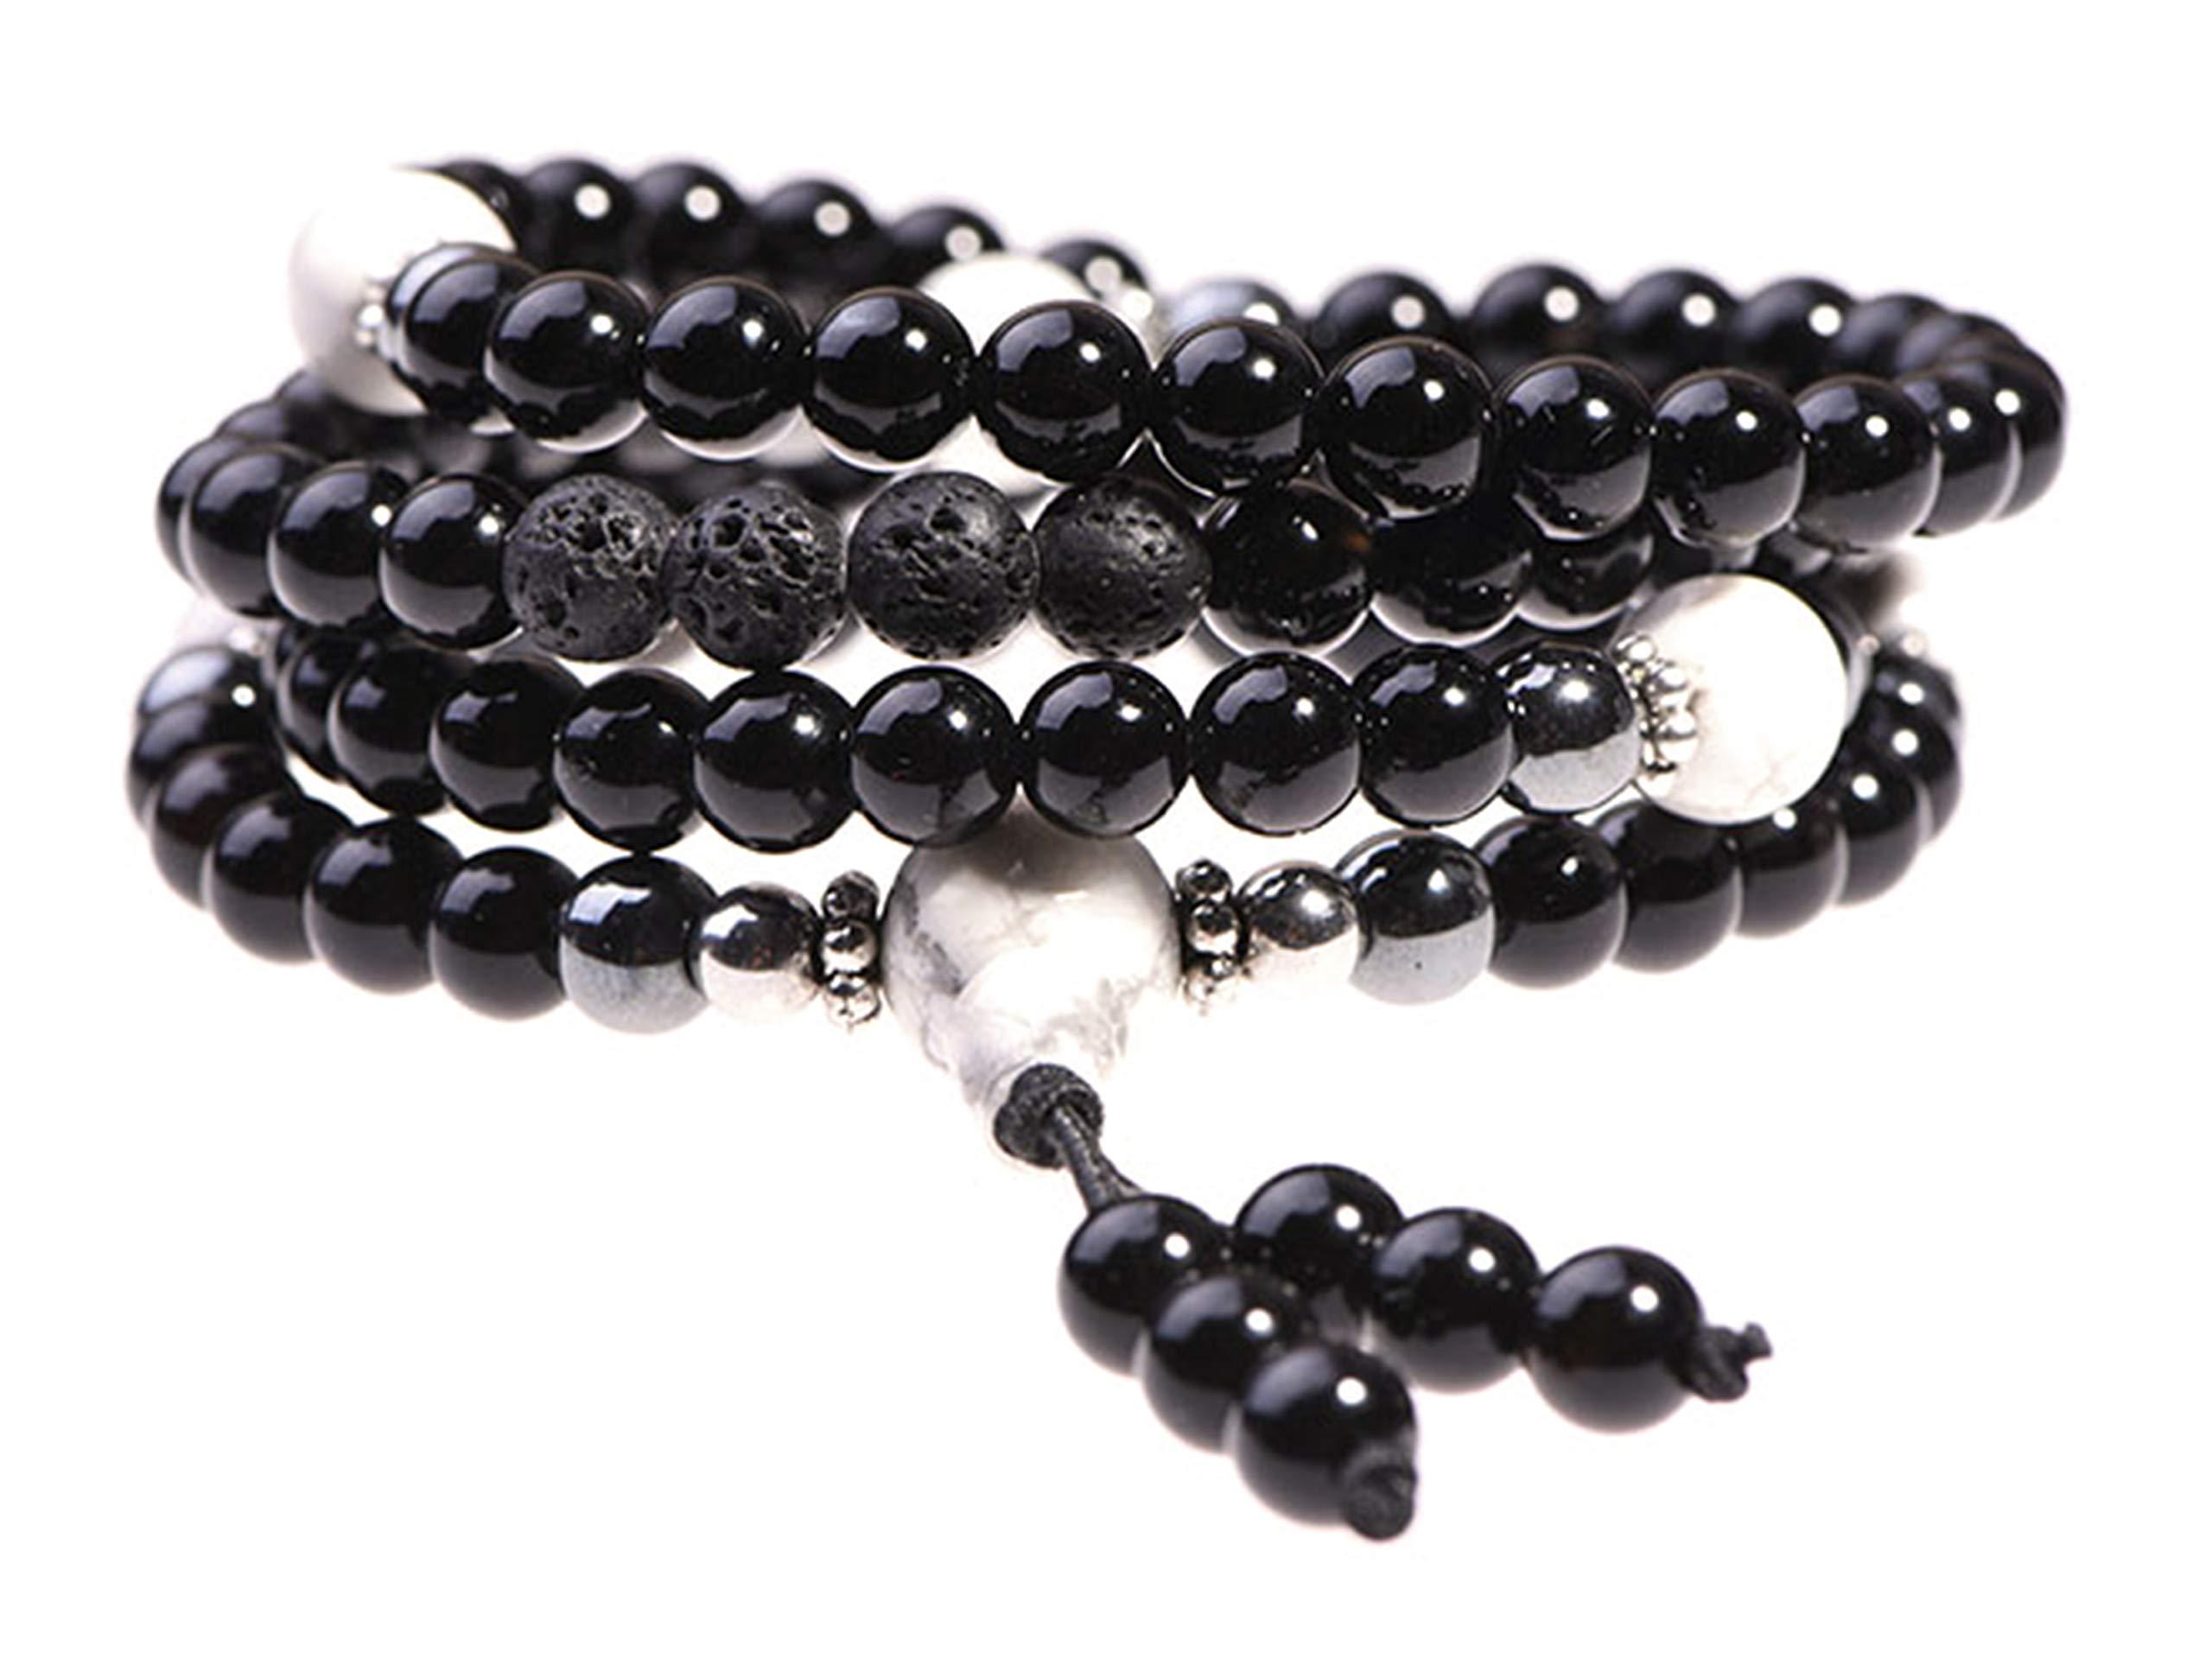 Onyx Bracelet - Prayer Beads - Anxiety Bracelet - Wrap Bracelet - Mala Beads - Beaded Necklace - Tibetan Bracelet - Japa Mala Necklace for Meditation by TamLyn Concepts by Tam Lyn Concepts